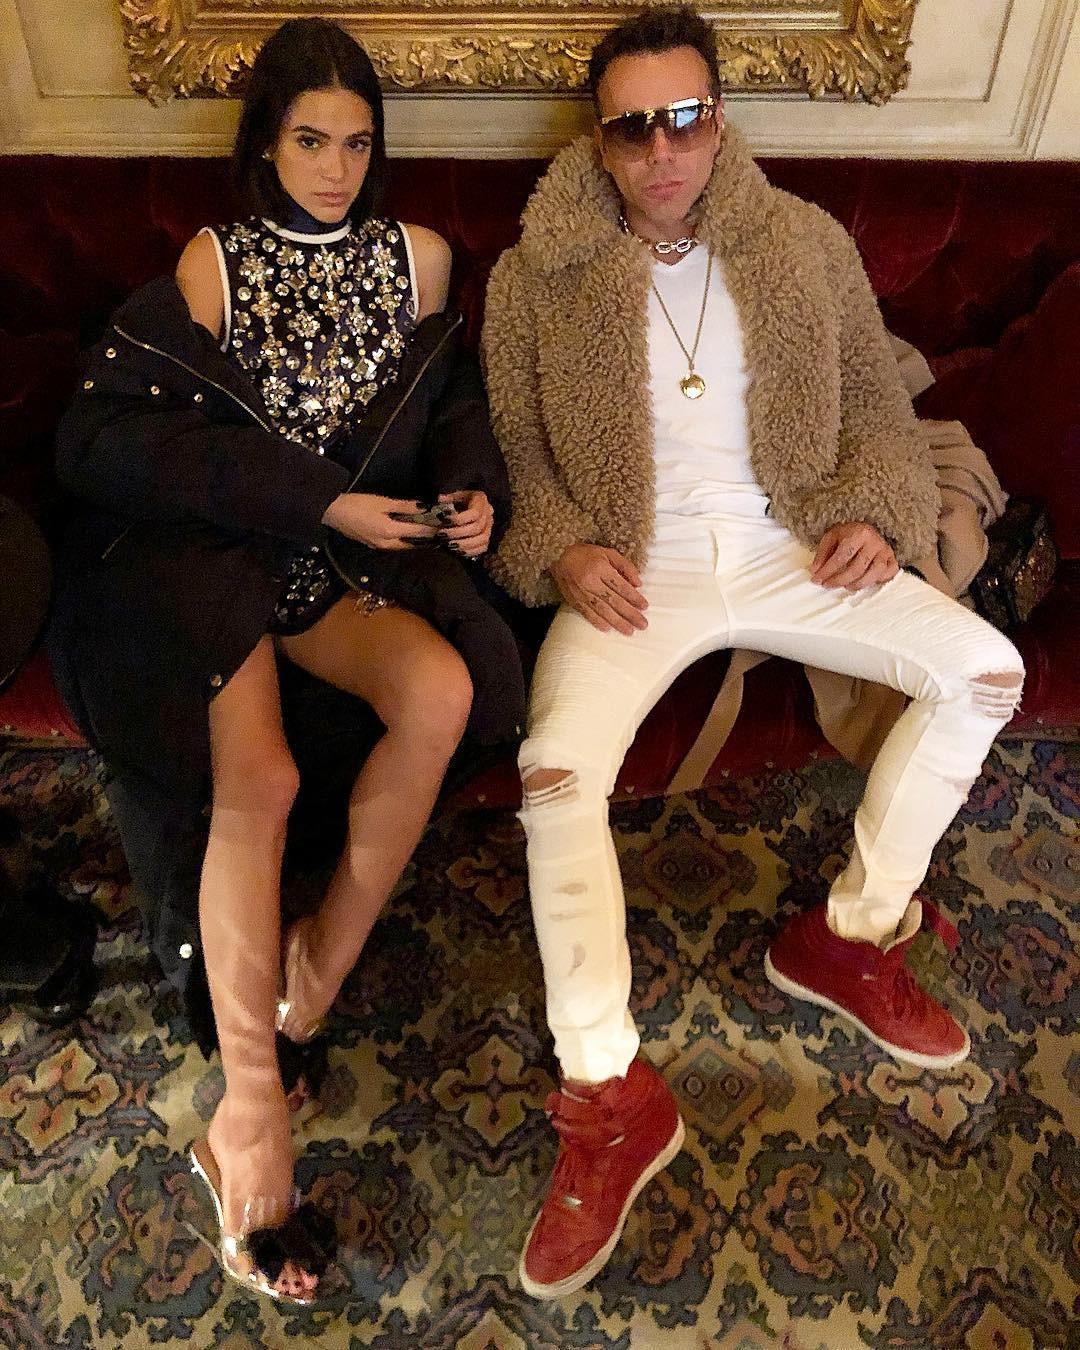 Bruna Marquezine e Matheus Mazzafera em Paris (Foto: Reprodução / Instagram)